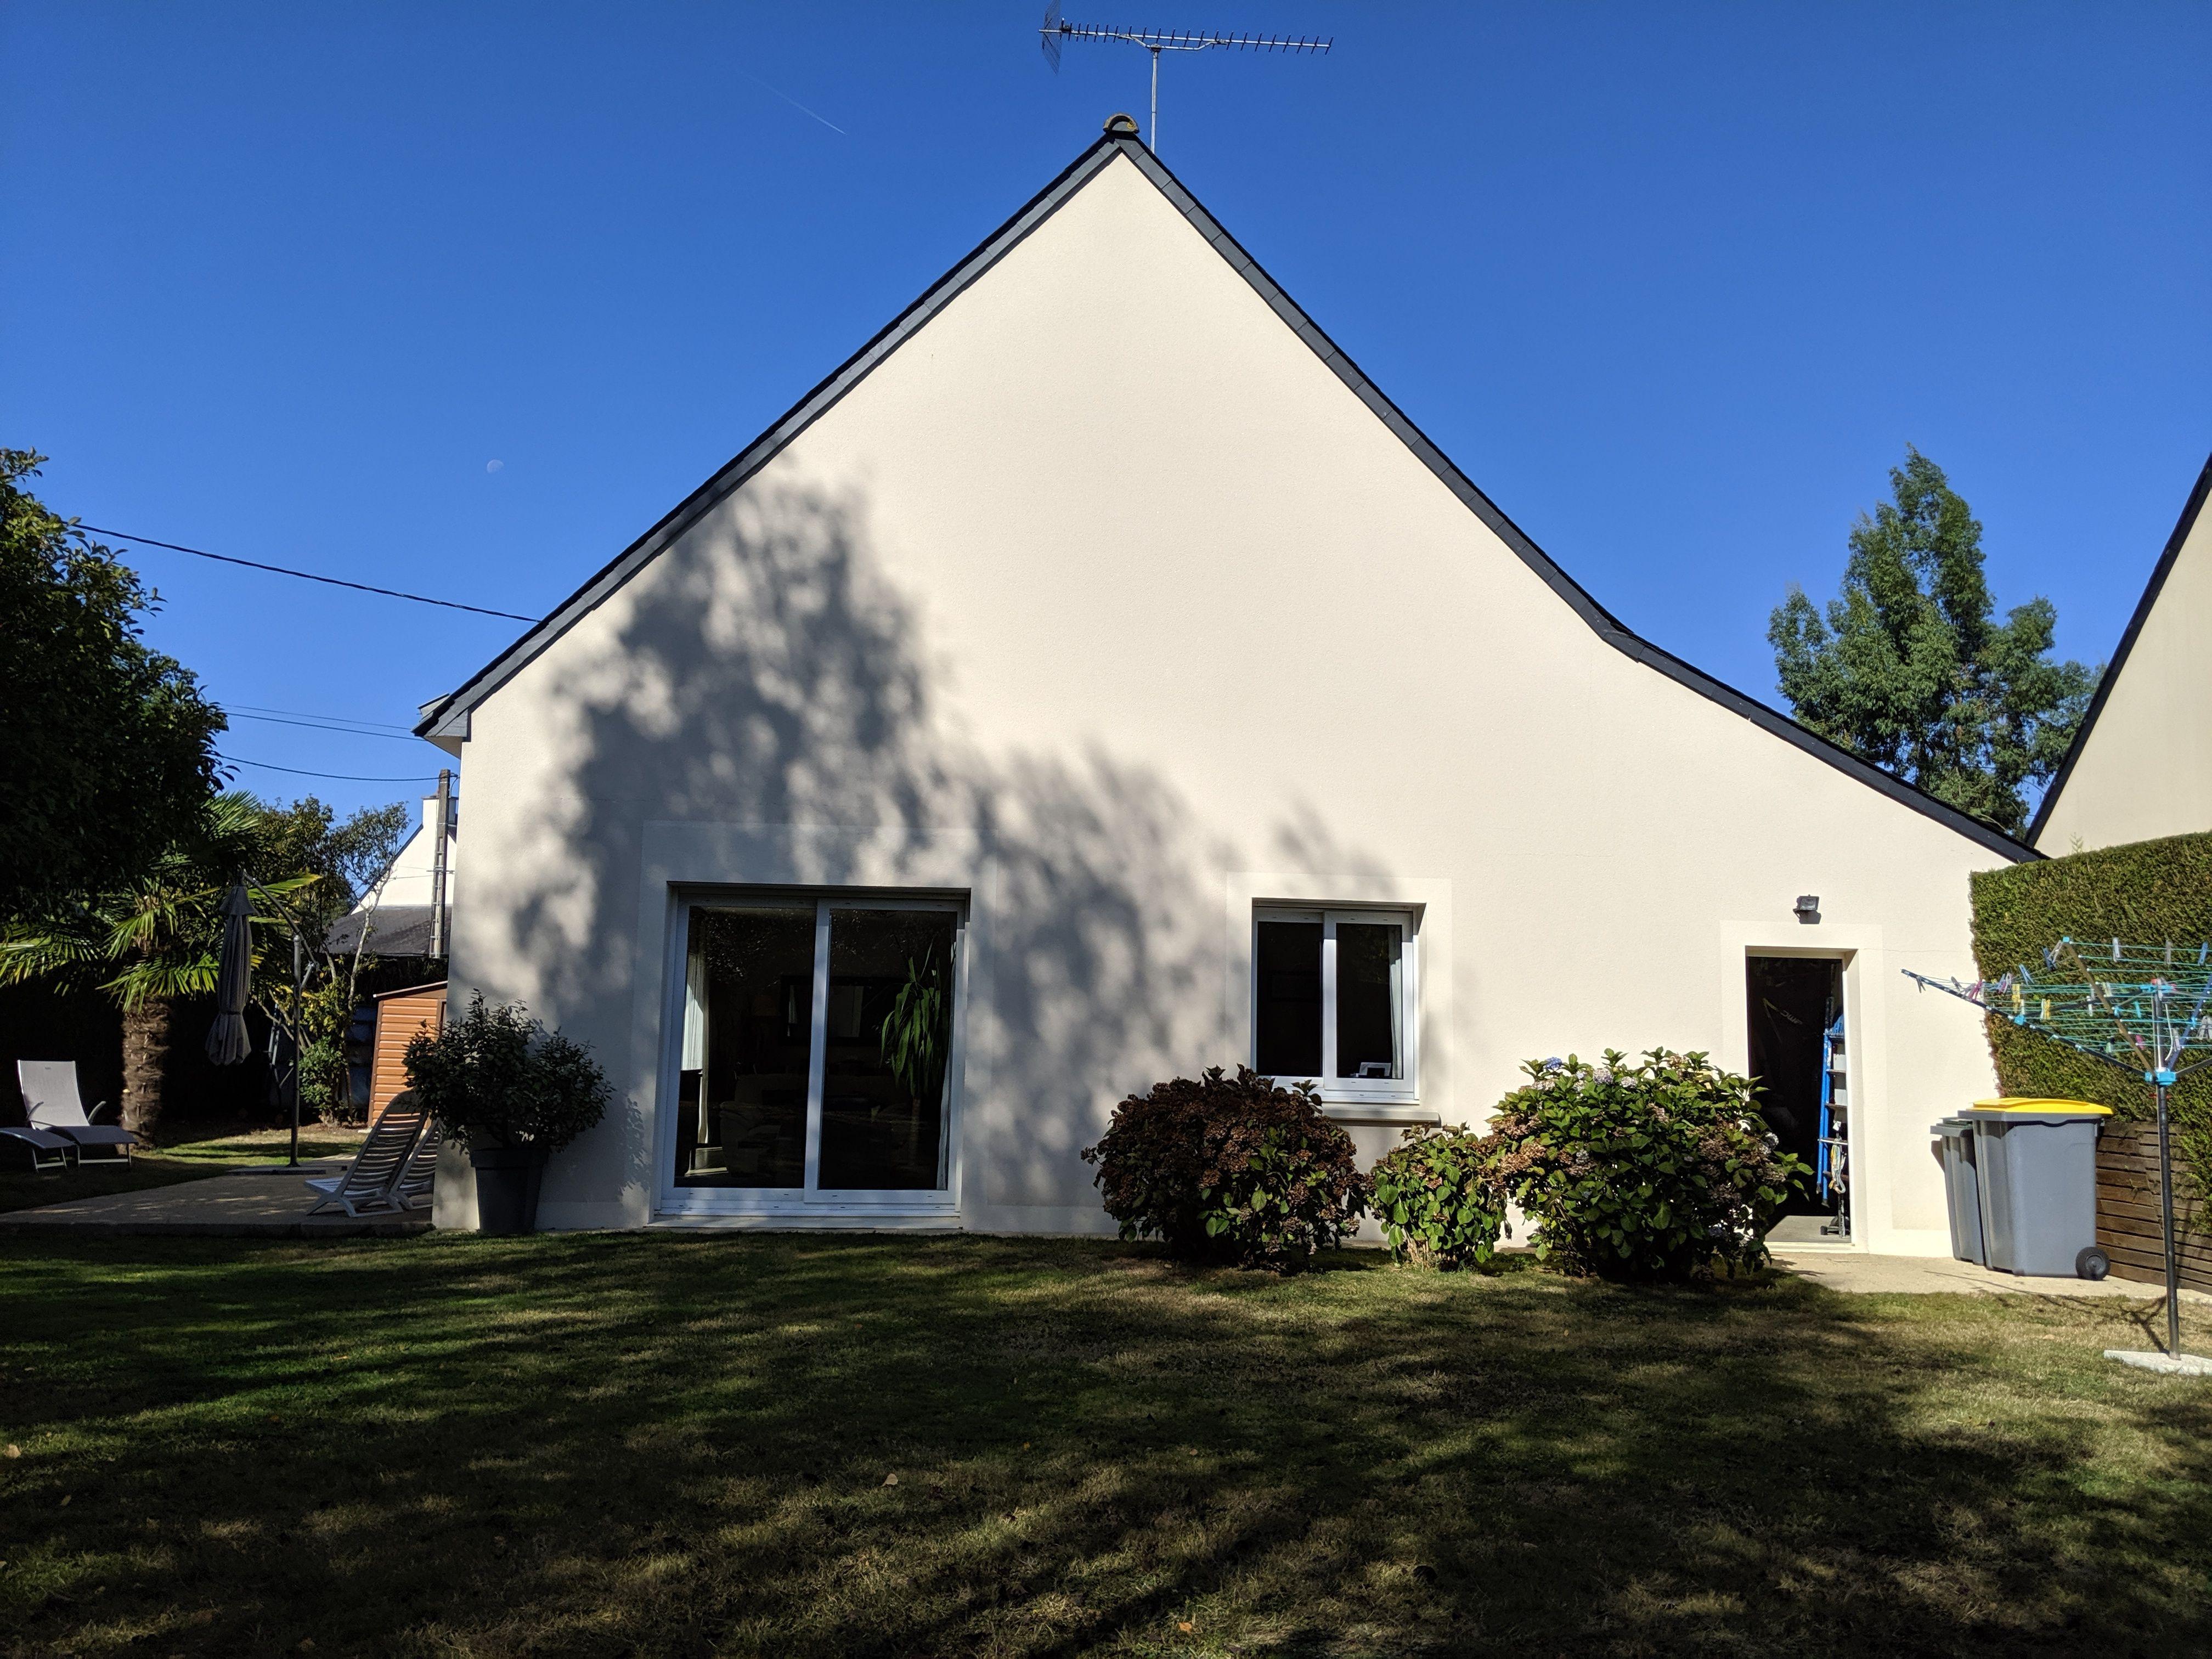 Maison à Vendre St Malo De Beignon Acheter Maison Maison A Vendre Maison